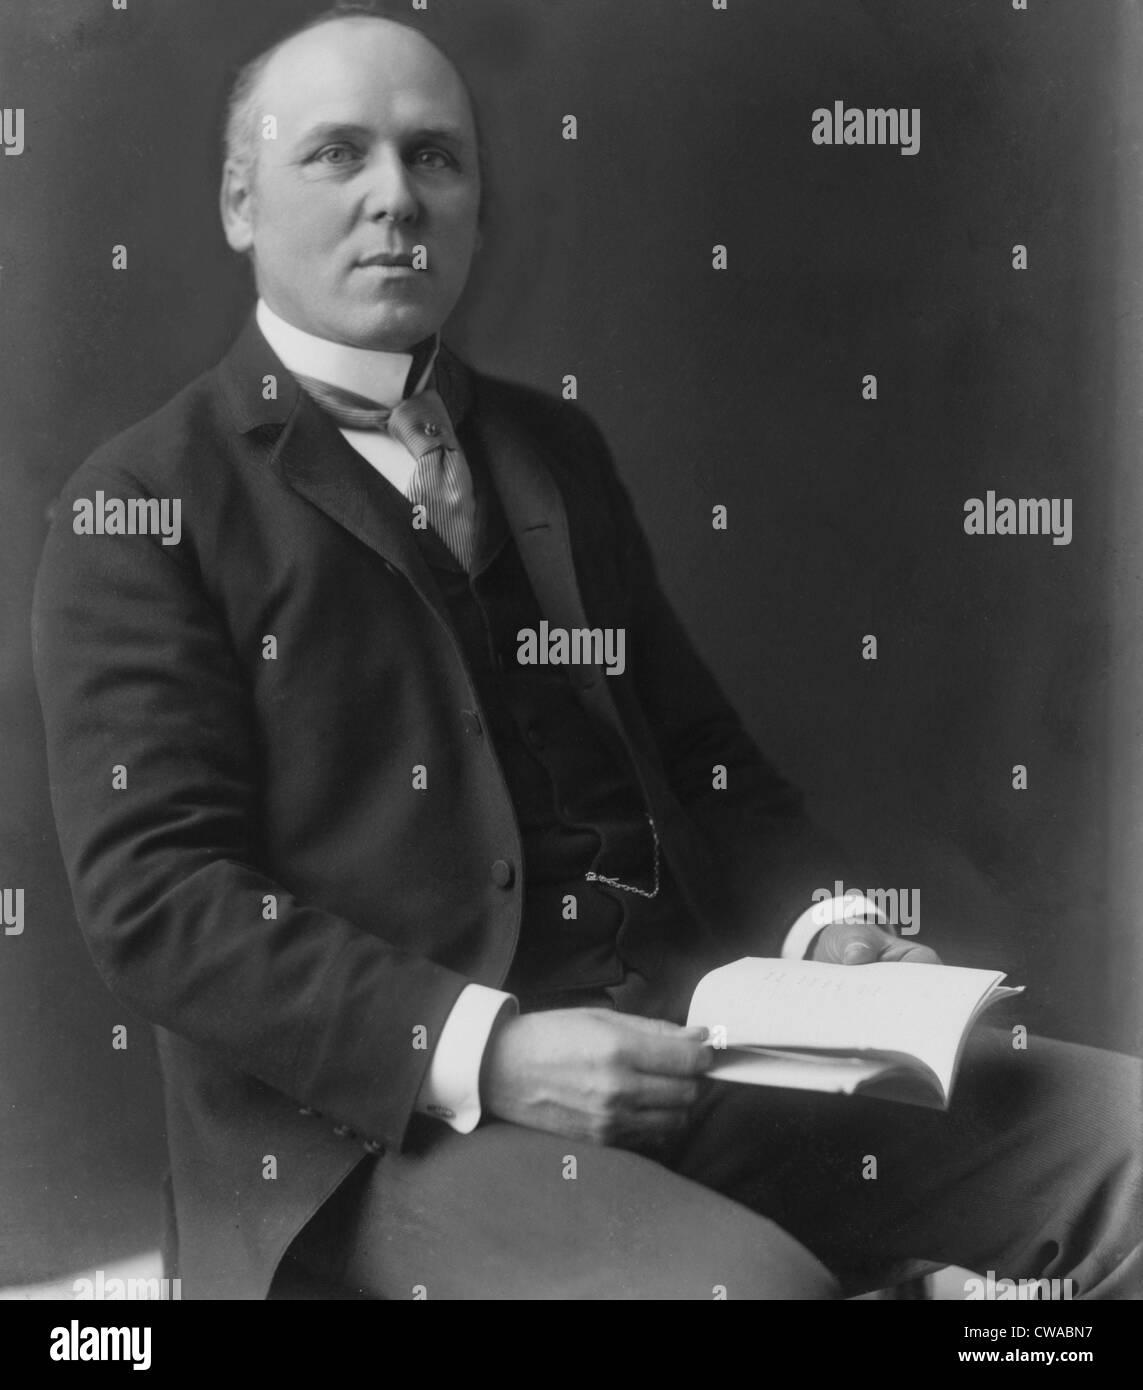 Howard Pyle (1853-1911) Ecrivain Américain, peintre, illustrateur, a écrit et illustré des livres Photo Stock